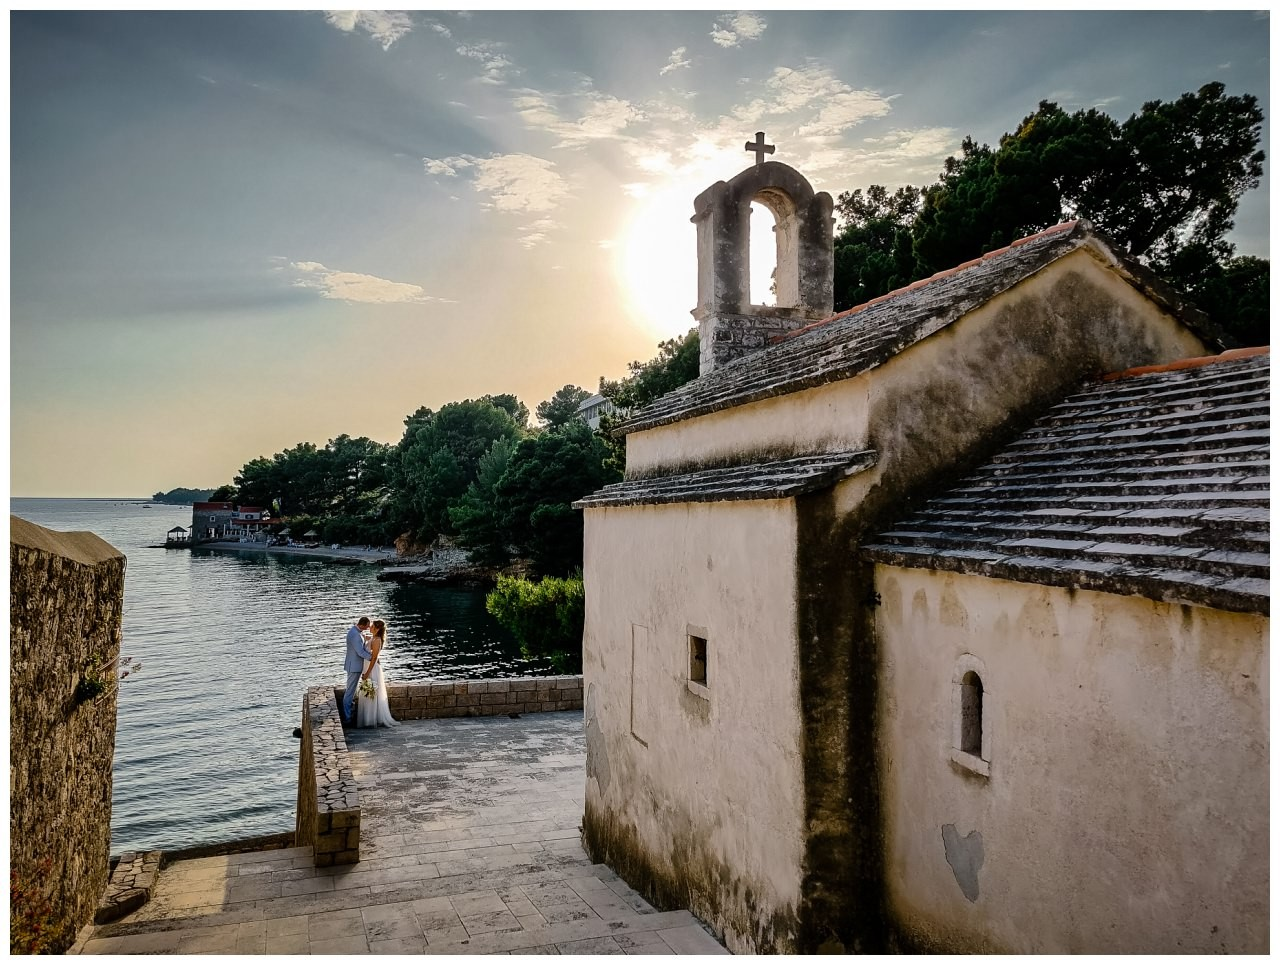 hochzeit kroatien ausland gardasee fotograf strand 78 - Hochzeit am Strand in Kroatien